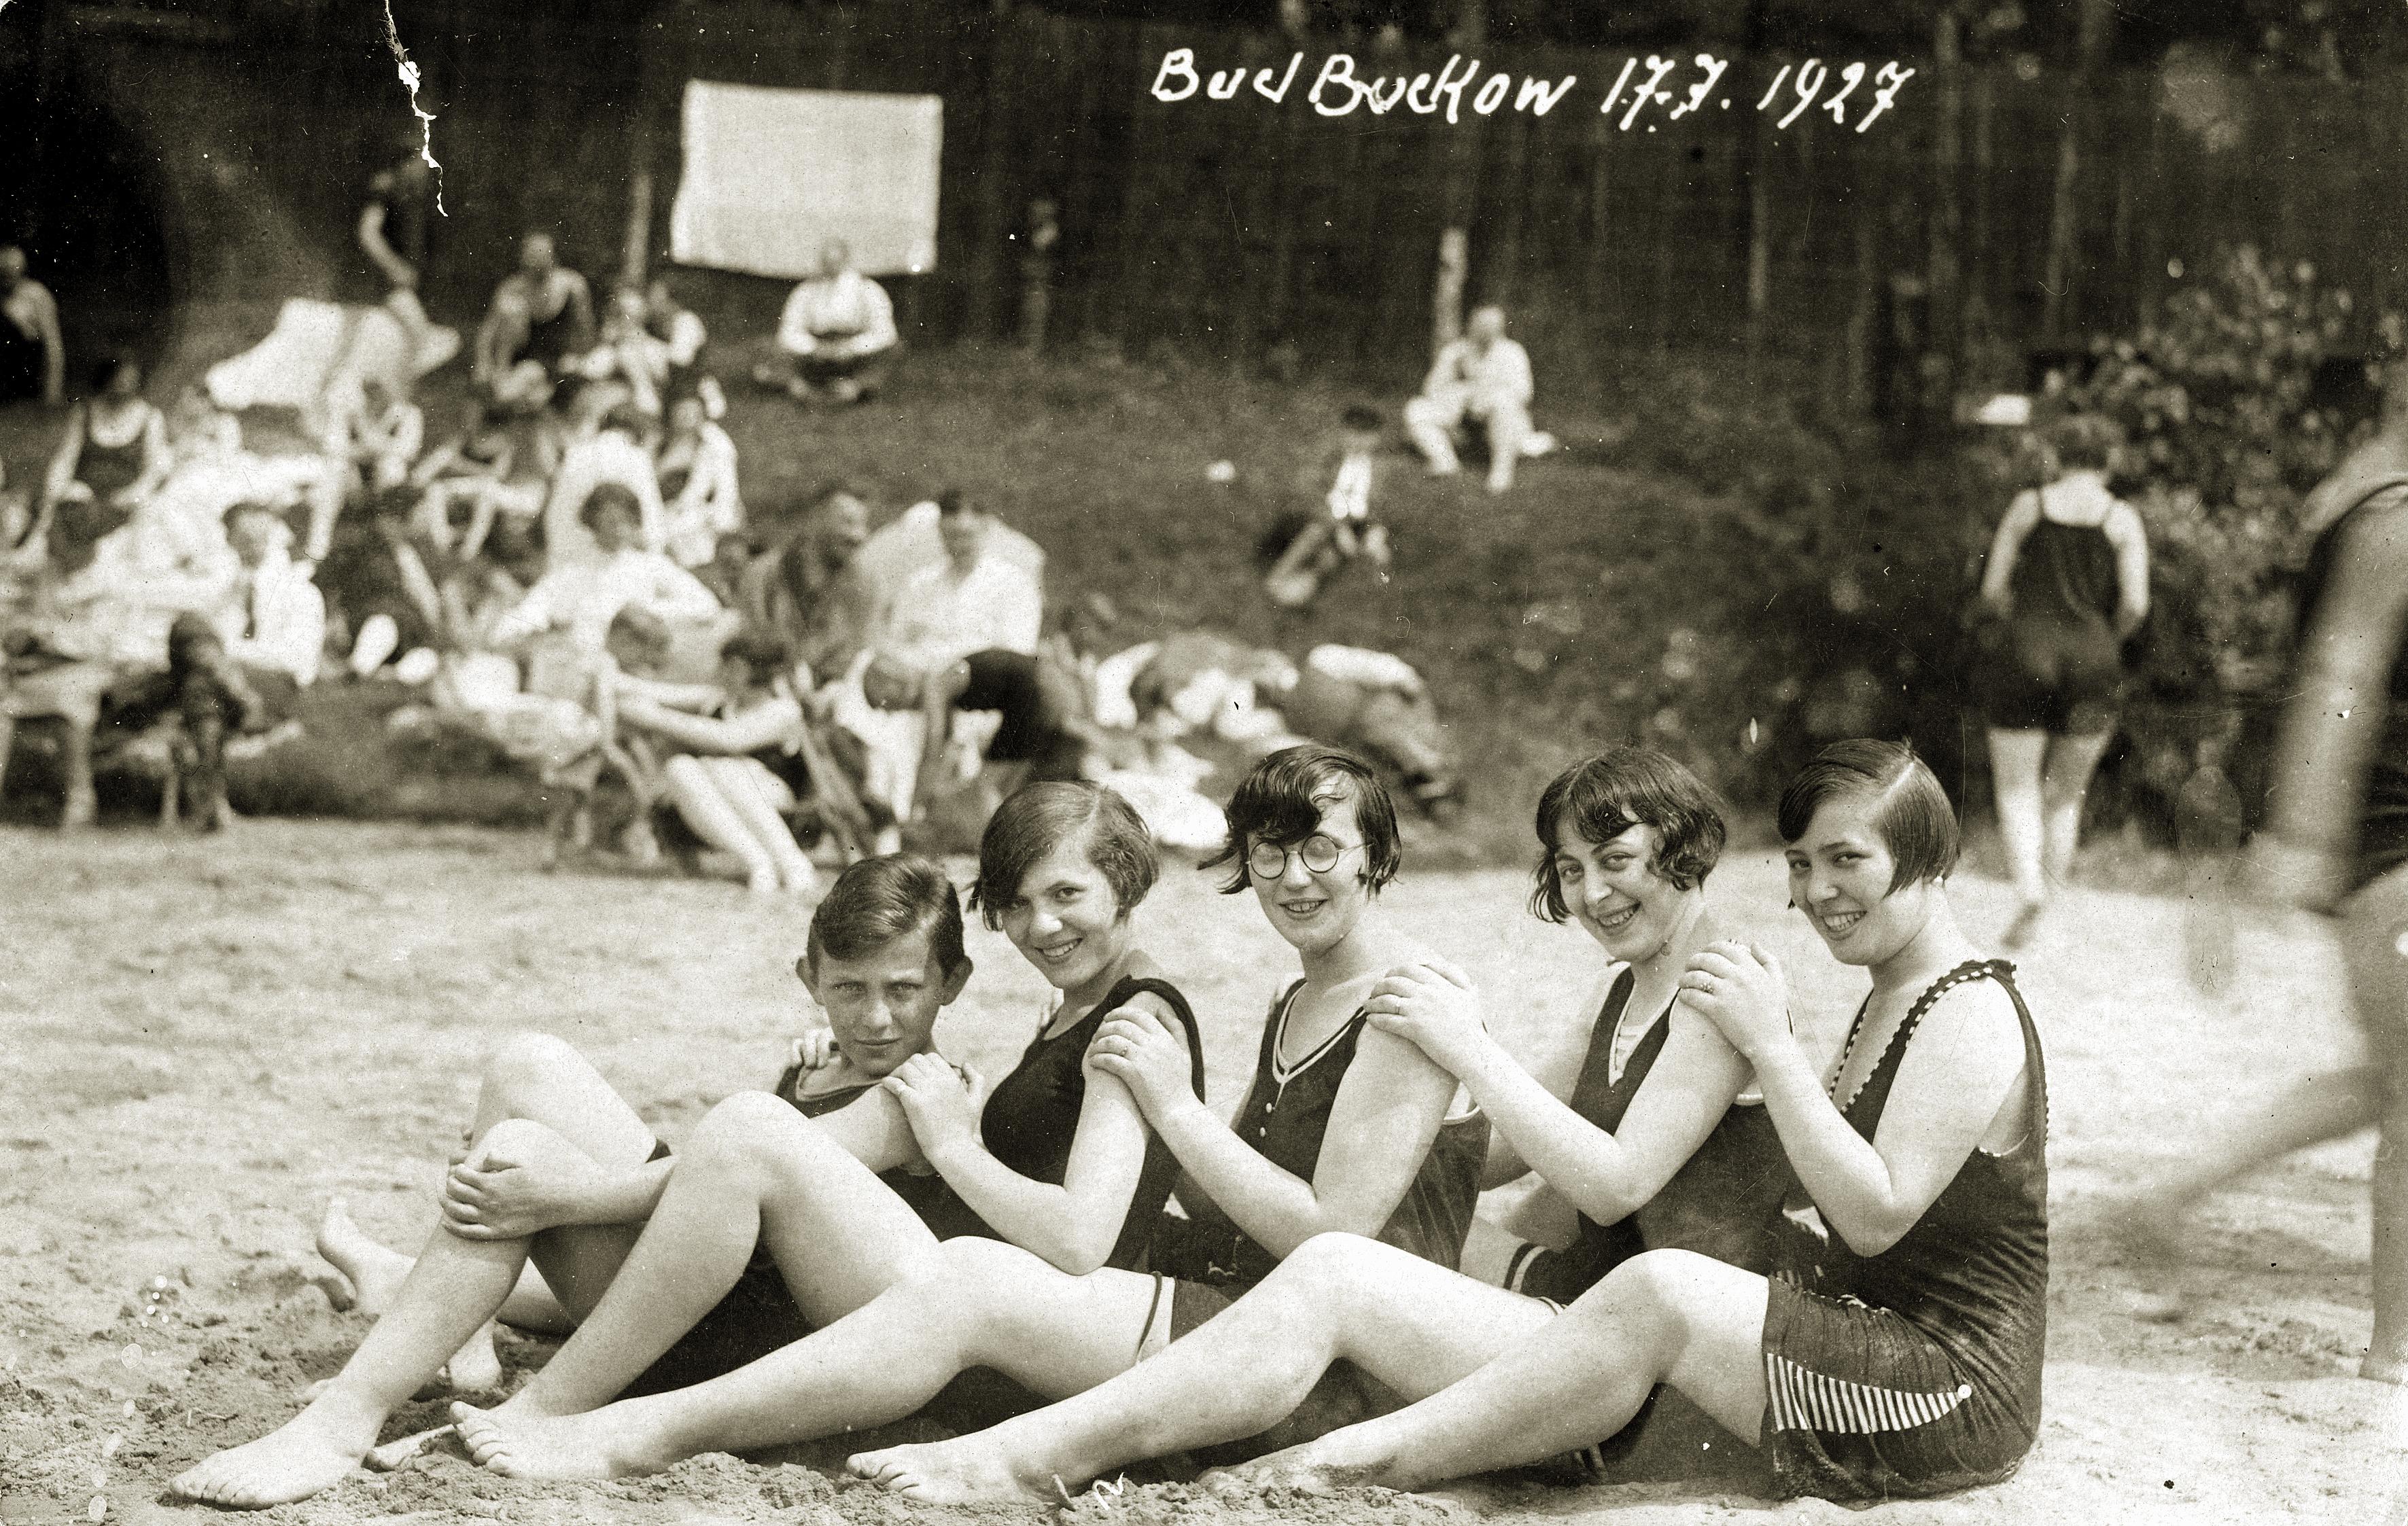 Rosa Rosenstein und ihre Geschwister in Bad Buckow